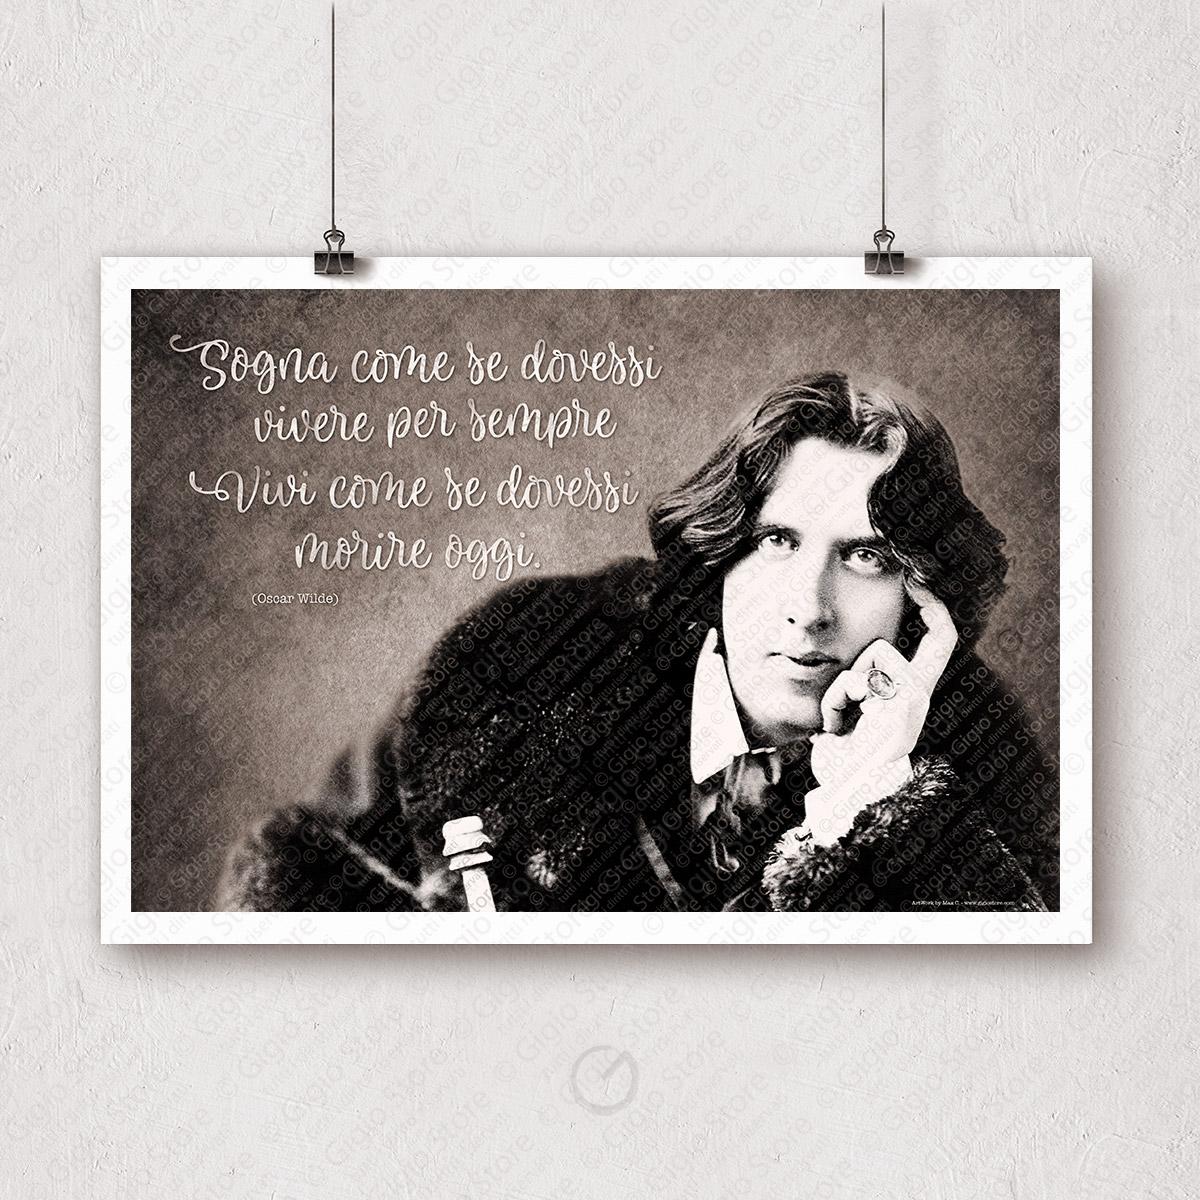 Poster Adesivi Muri Pareti Frasi Aforismi Oscar Wilde Sogna come se dovessi vivere per sempre vivi come se dovessi morire oggi